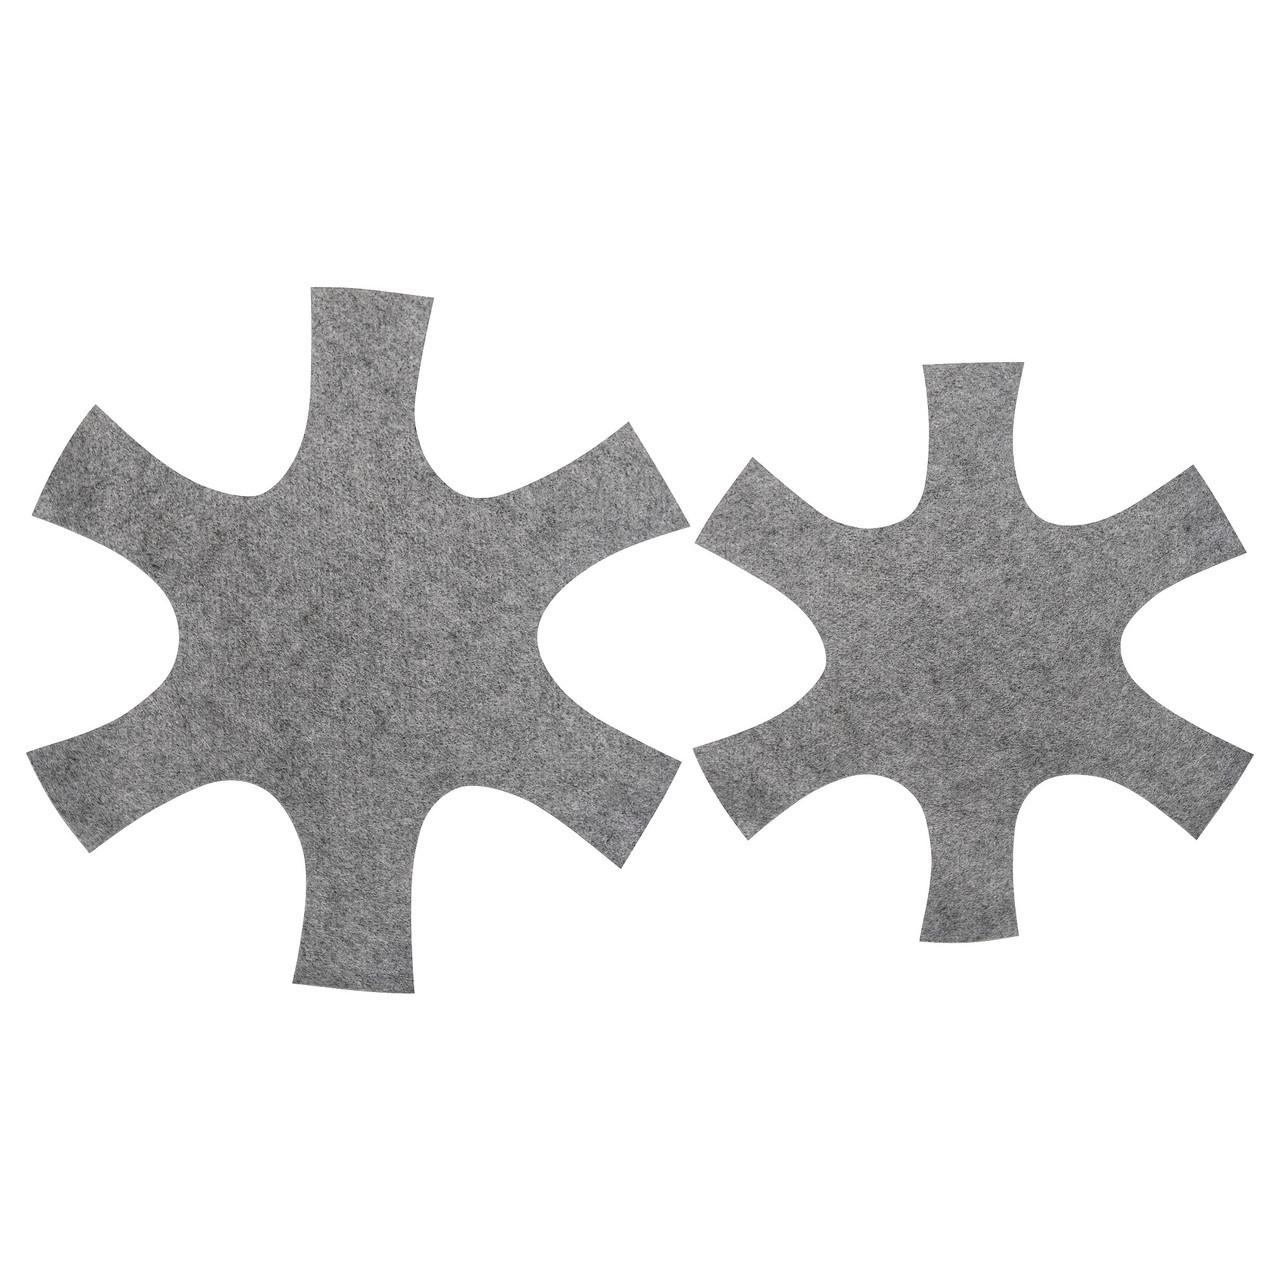 БЕДОМА Подкладка для сковороды, 2 шт., серый, 80325651, ИКЕА, IKEA, BEDÖMA